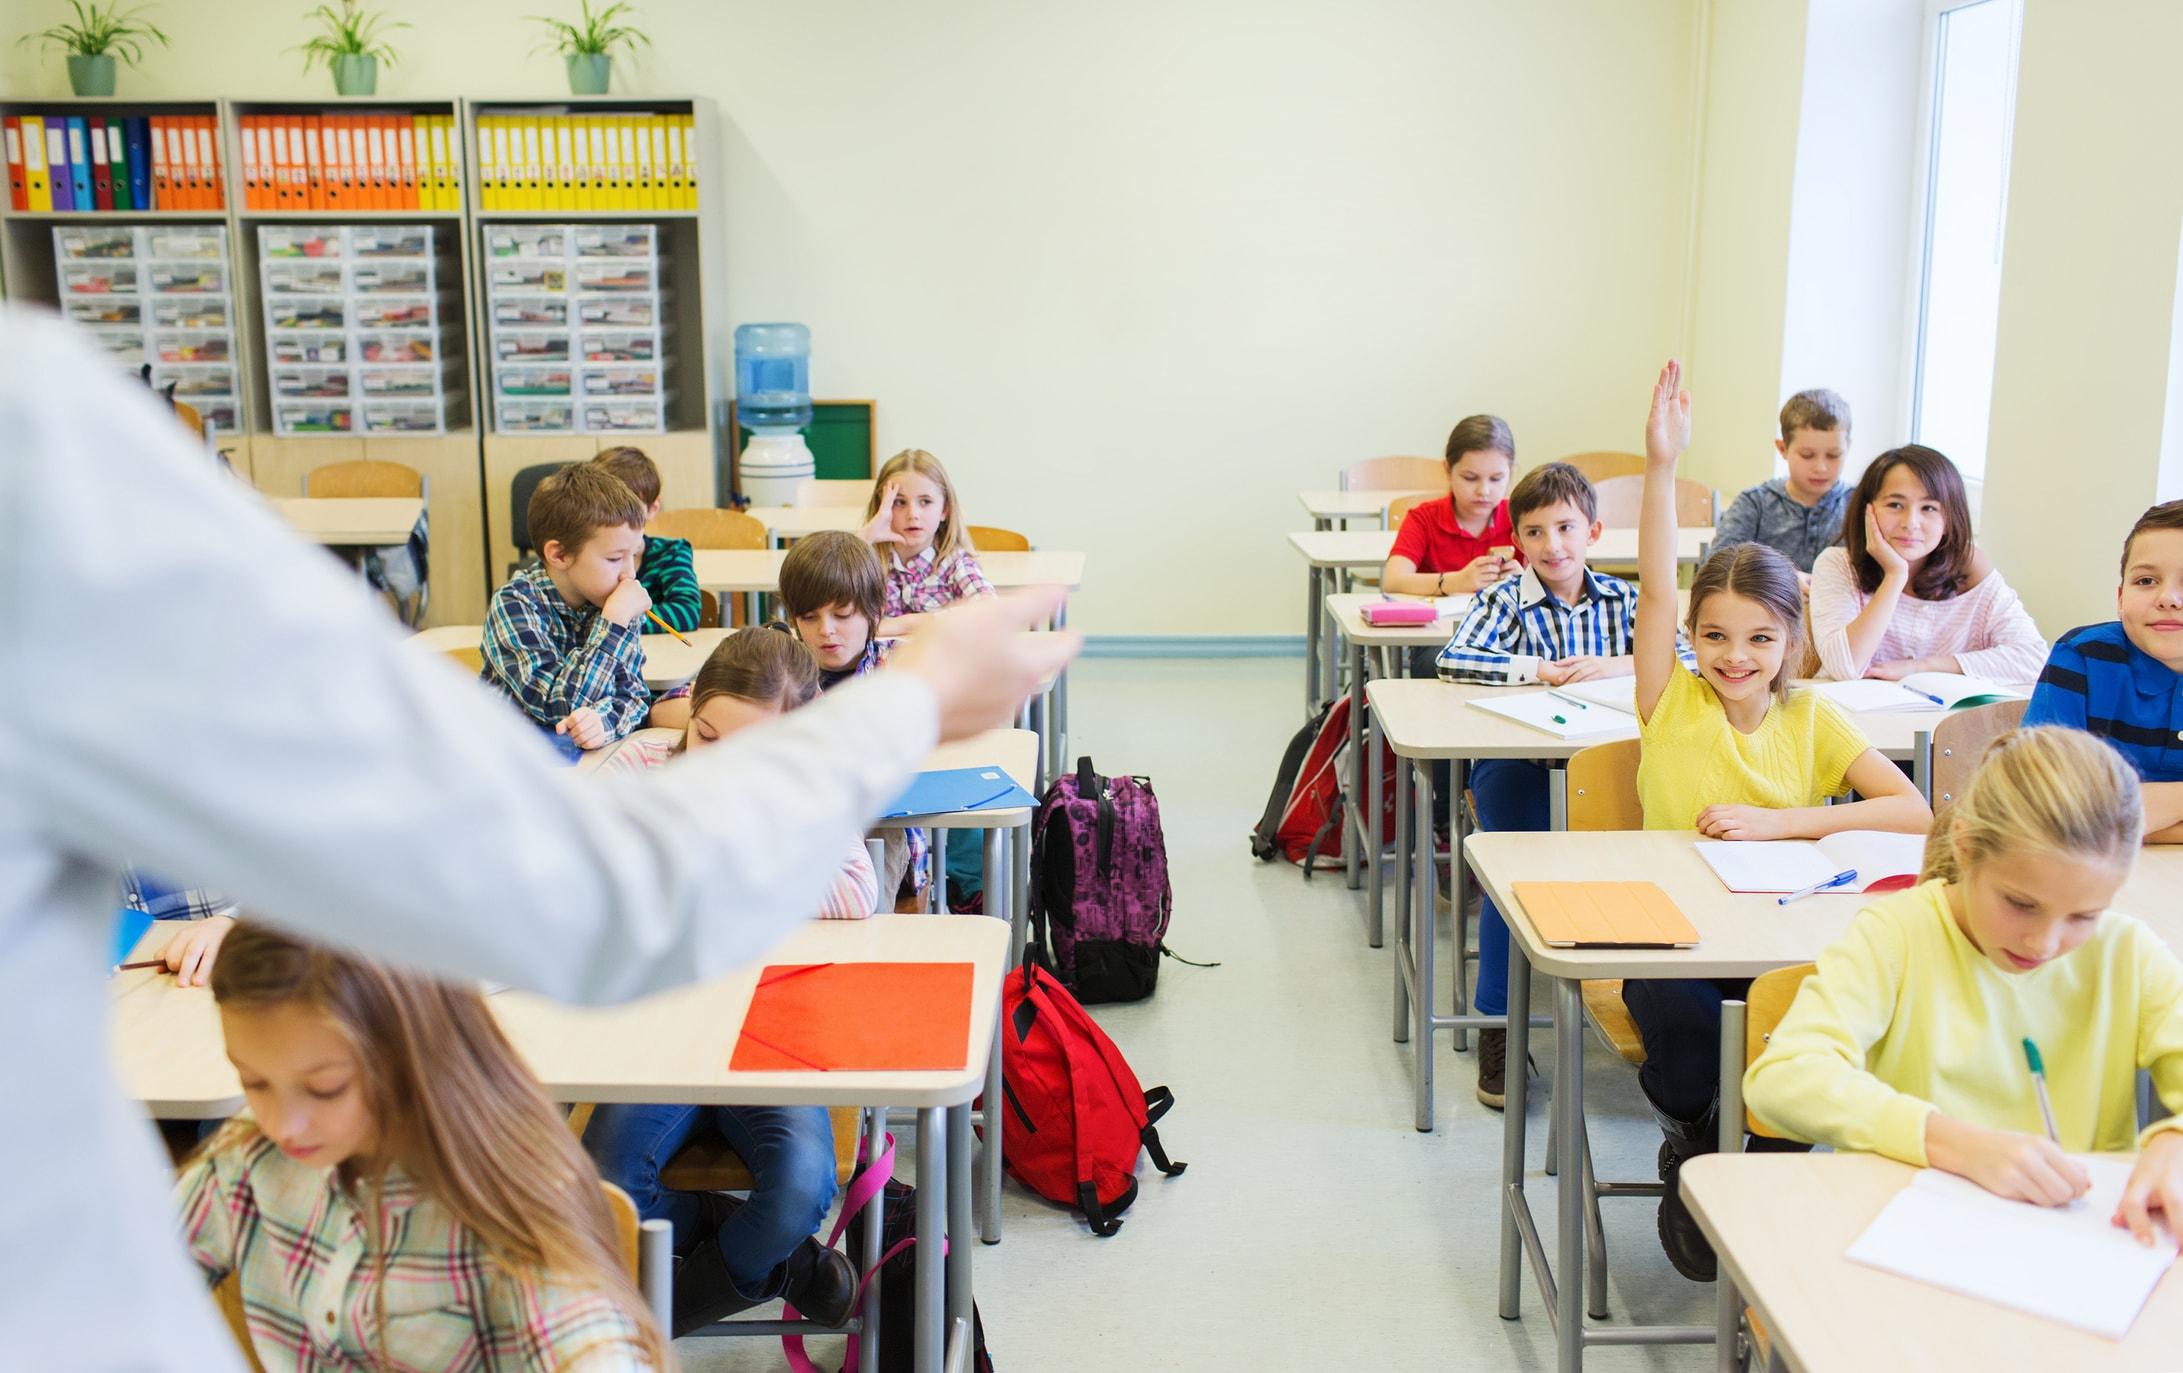 دراسة جدوى مشروع مدرسة خاصة في السعودية